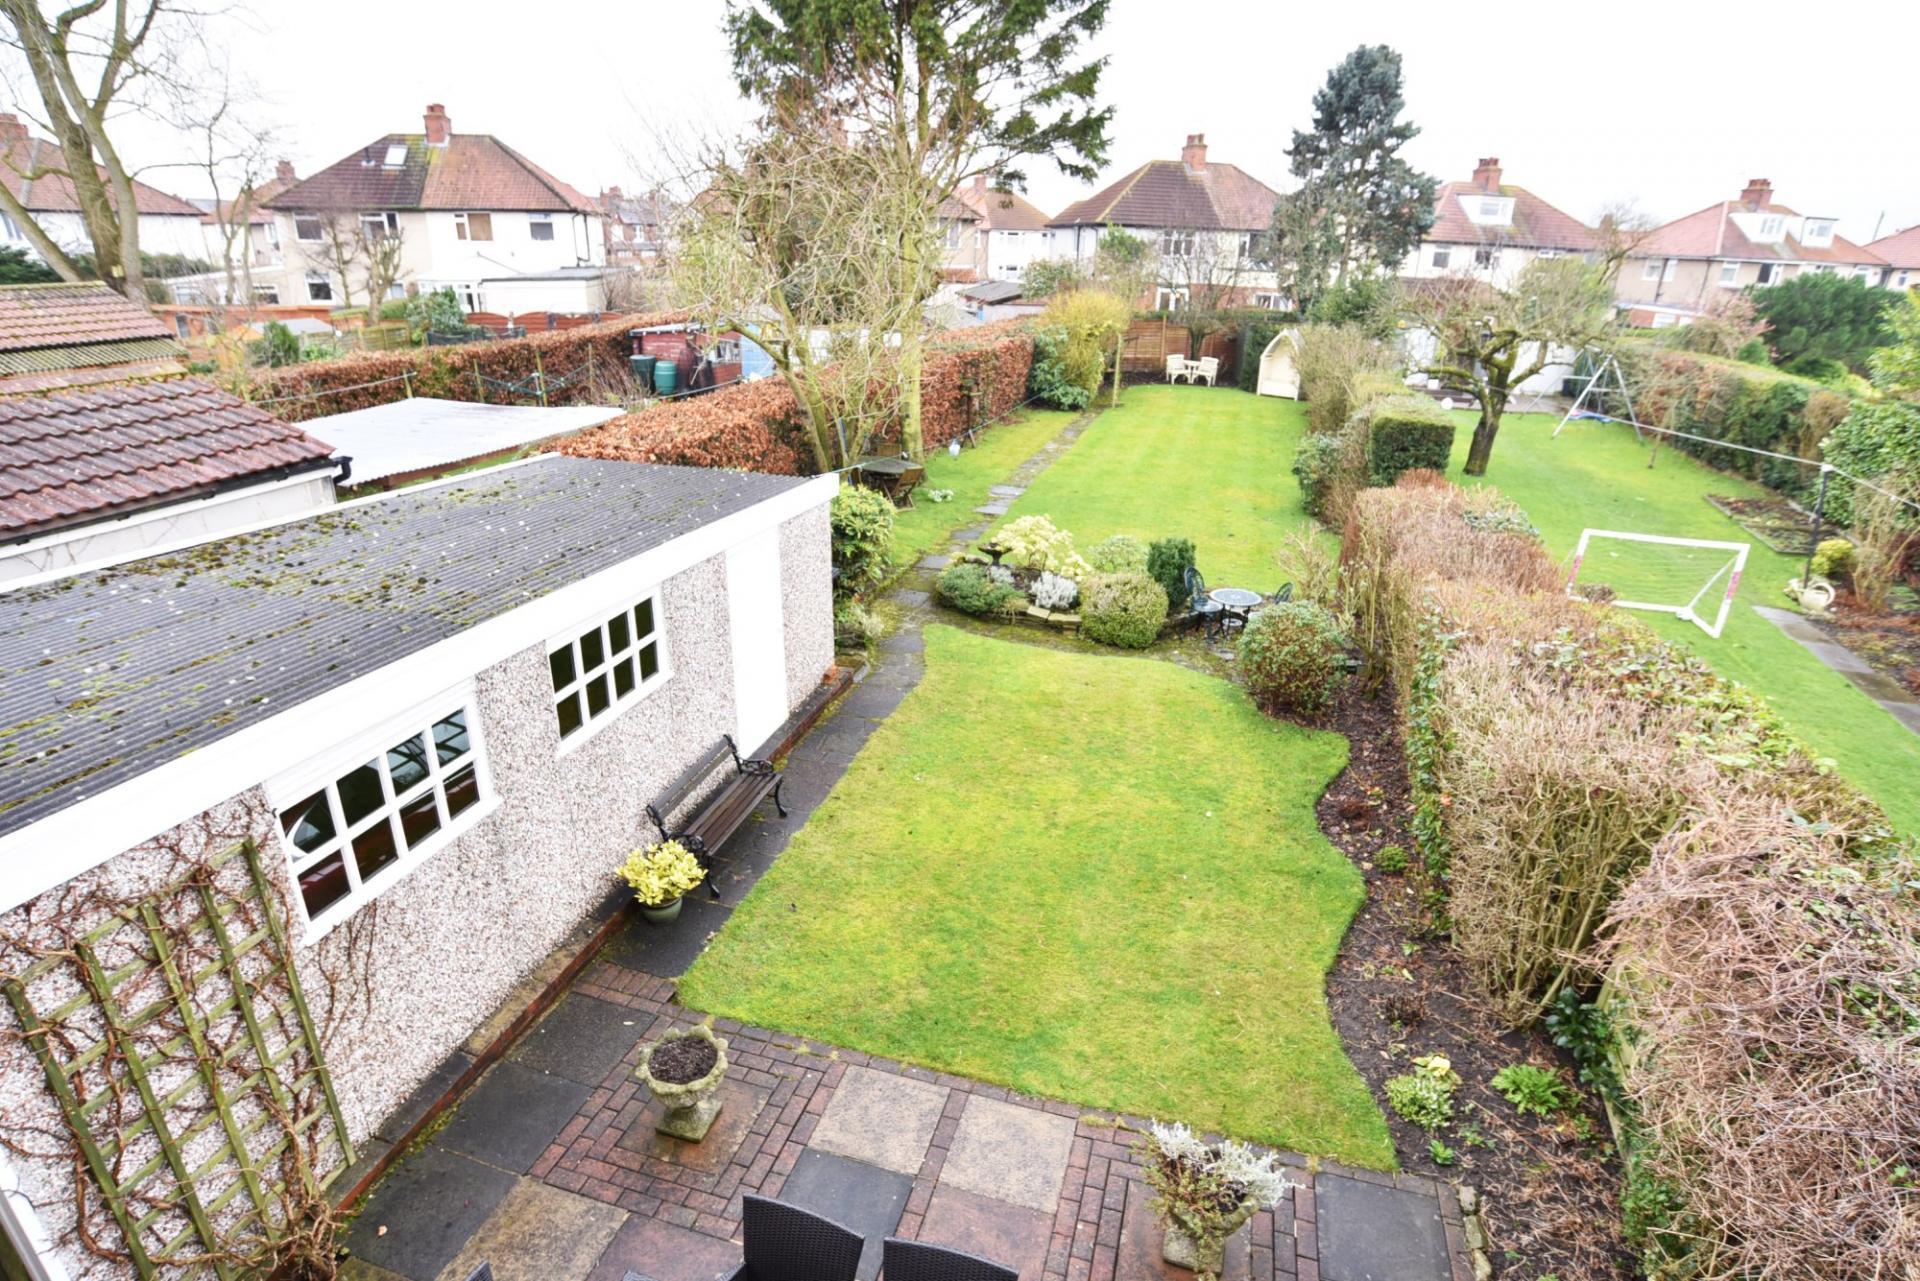 3 Bedroom Semi Detached House For Sale In Harrogate